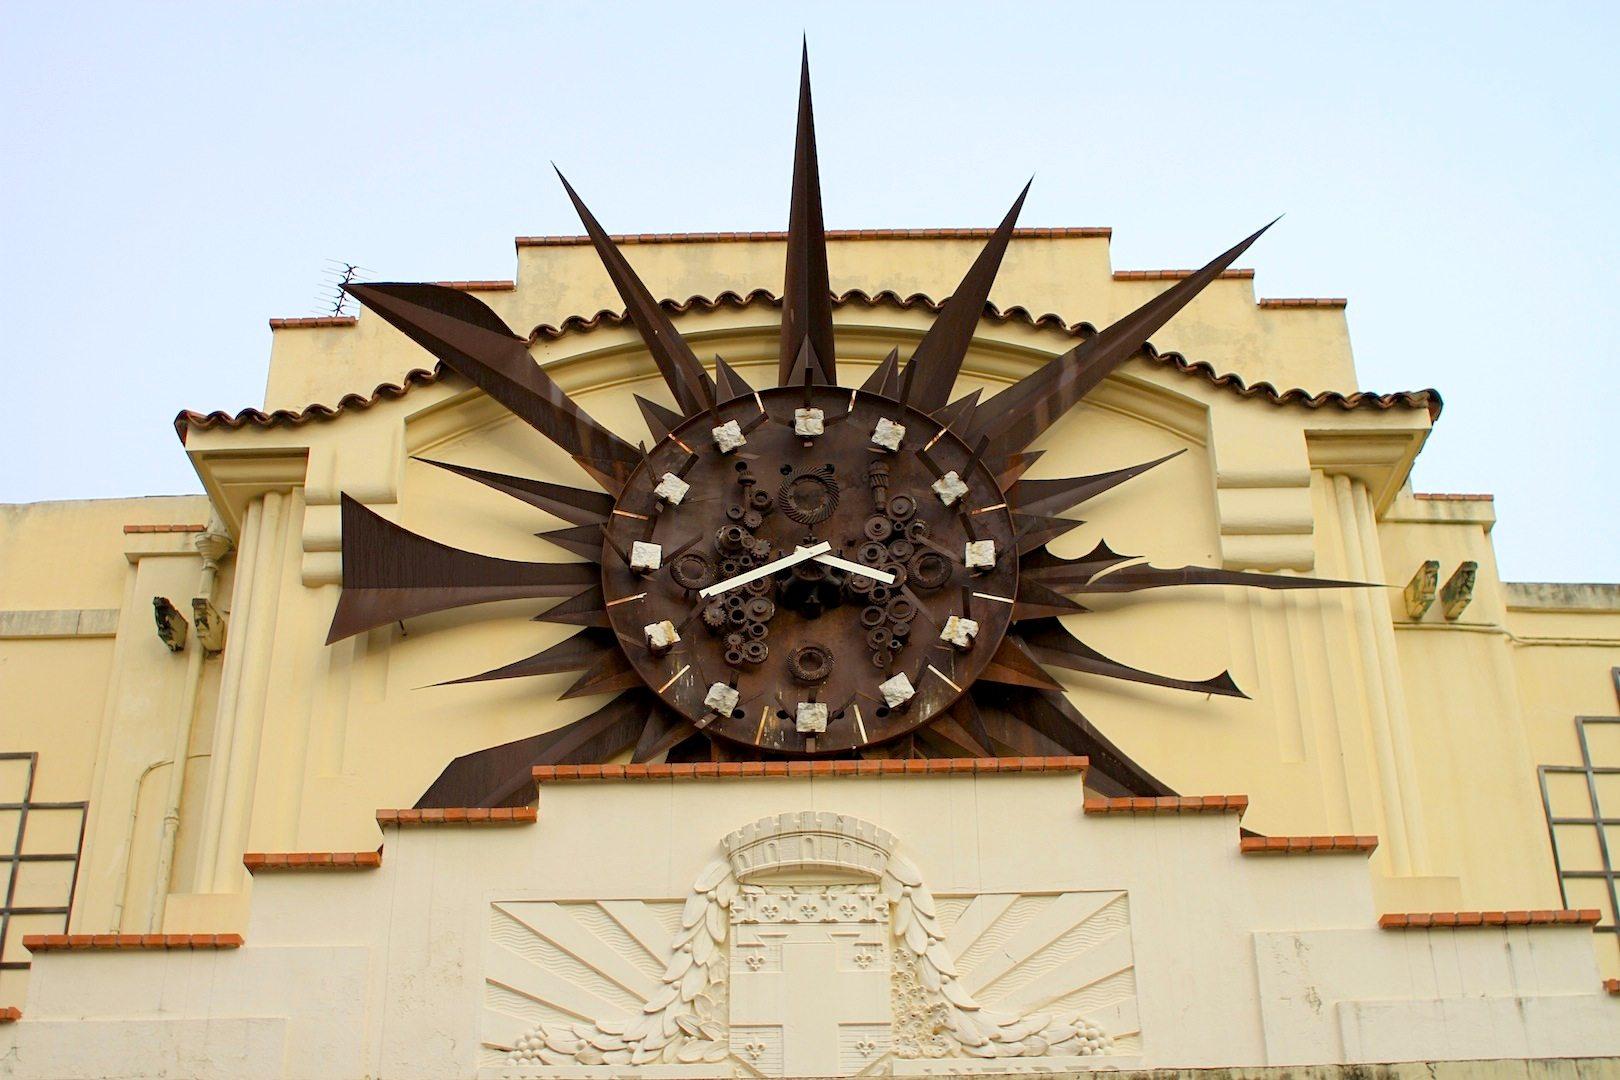 Busstation.  Mit Art déco-Fassade, Avenue de 24 août, Antibes